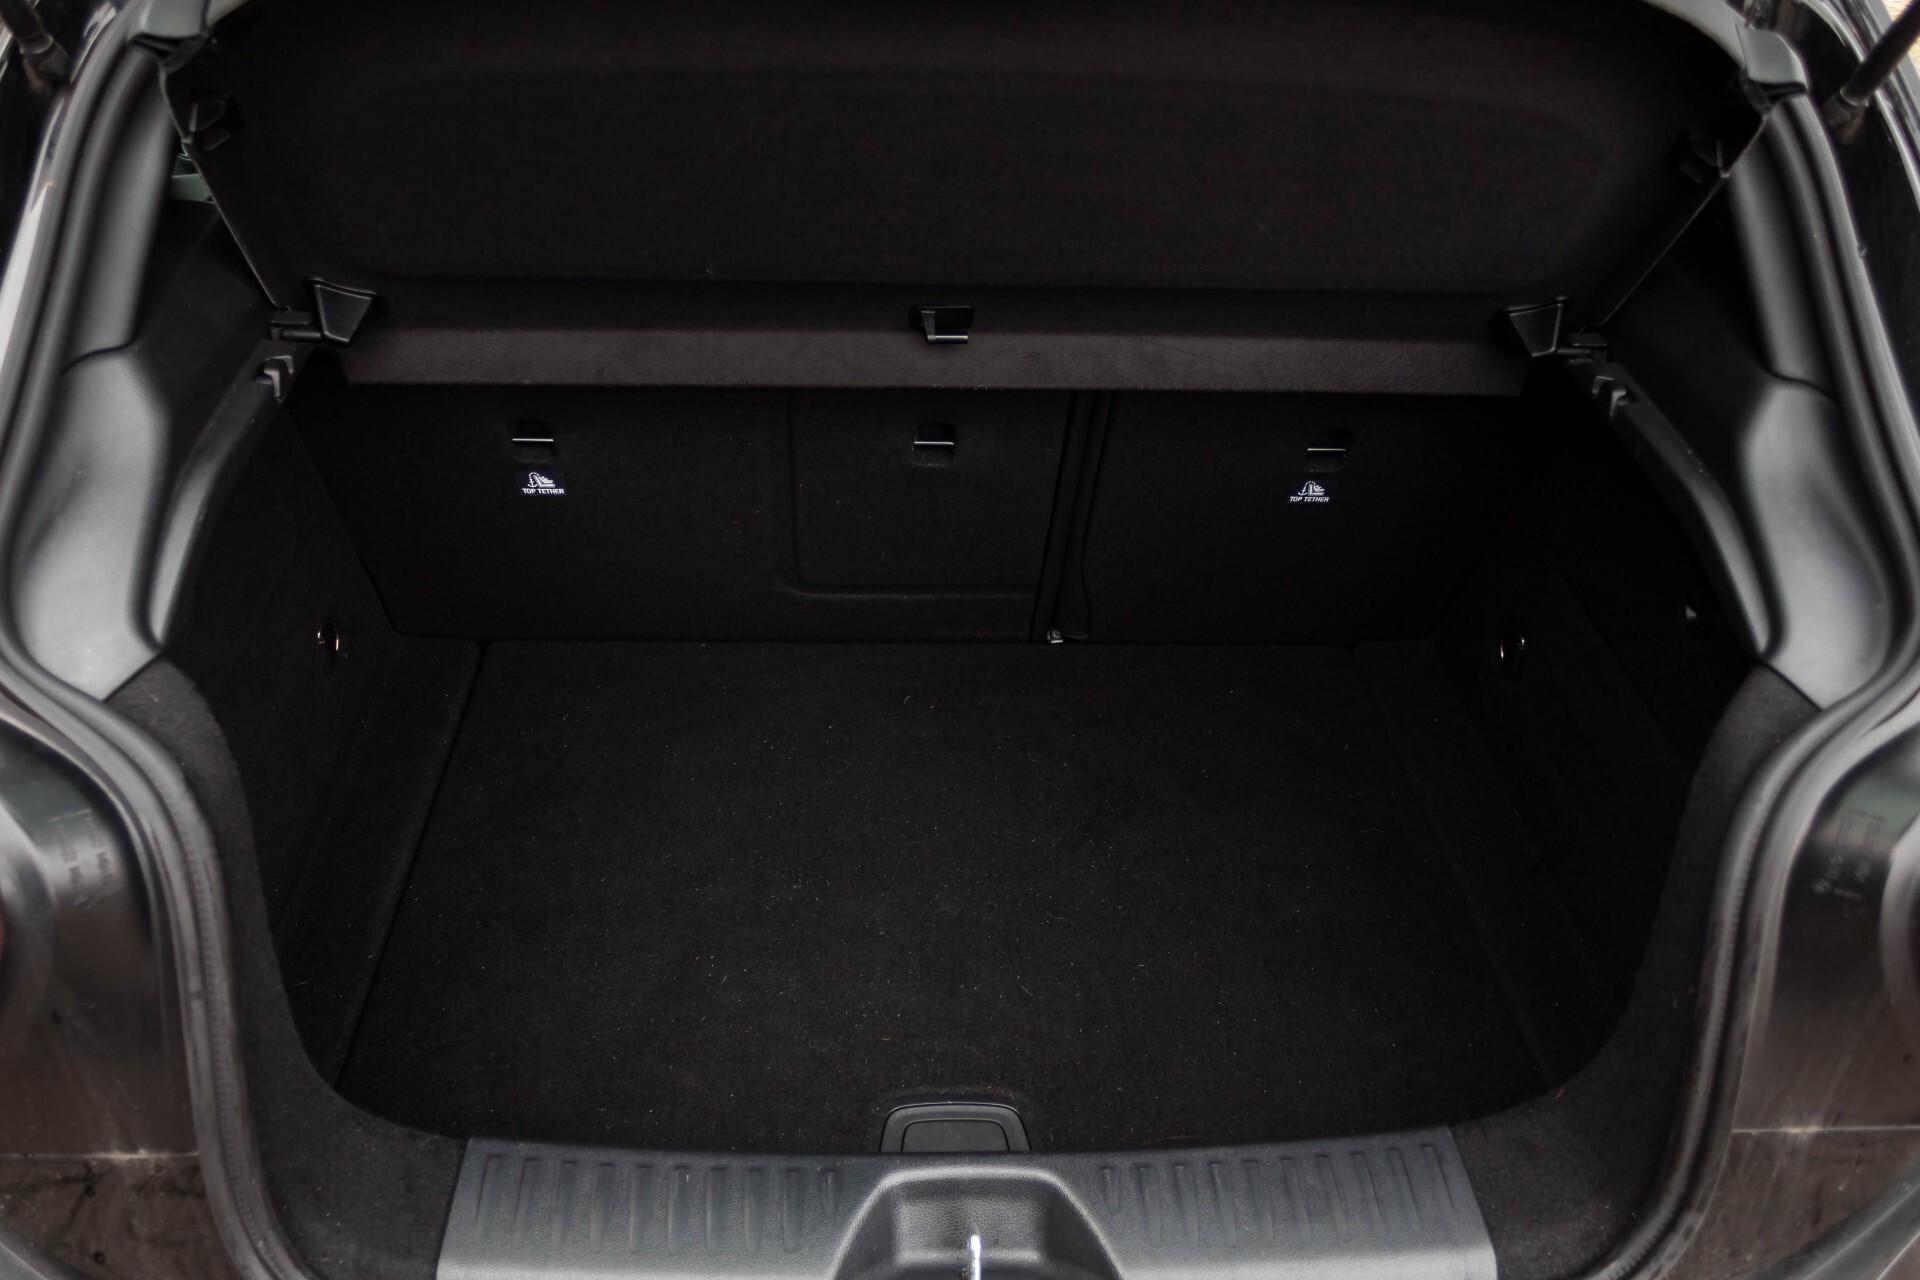 Mercedes-Benz A-Klasse 180 Cdi AMG Panorama Bi-xenon/Navi/PTS Aut7 Foto 29